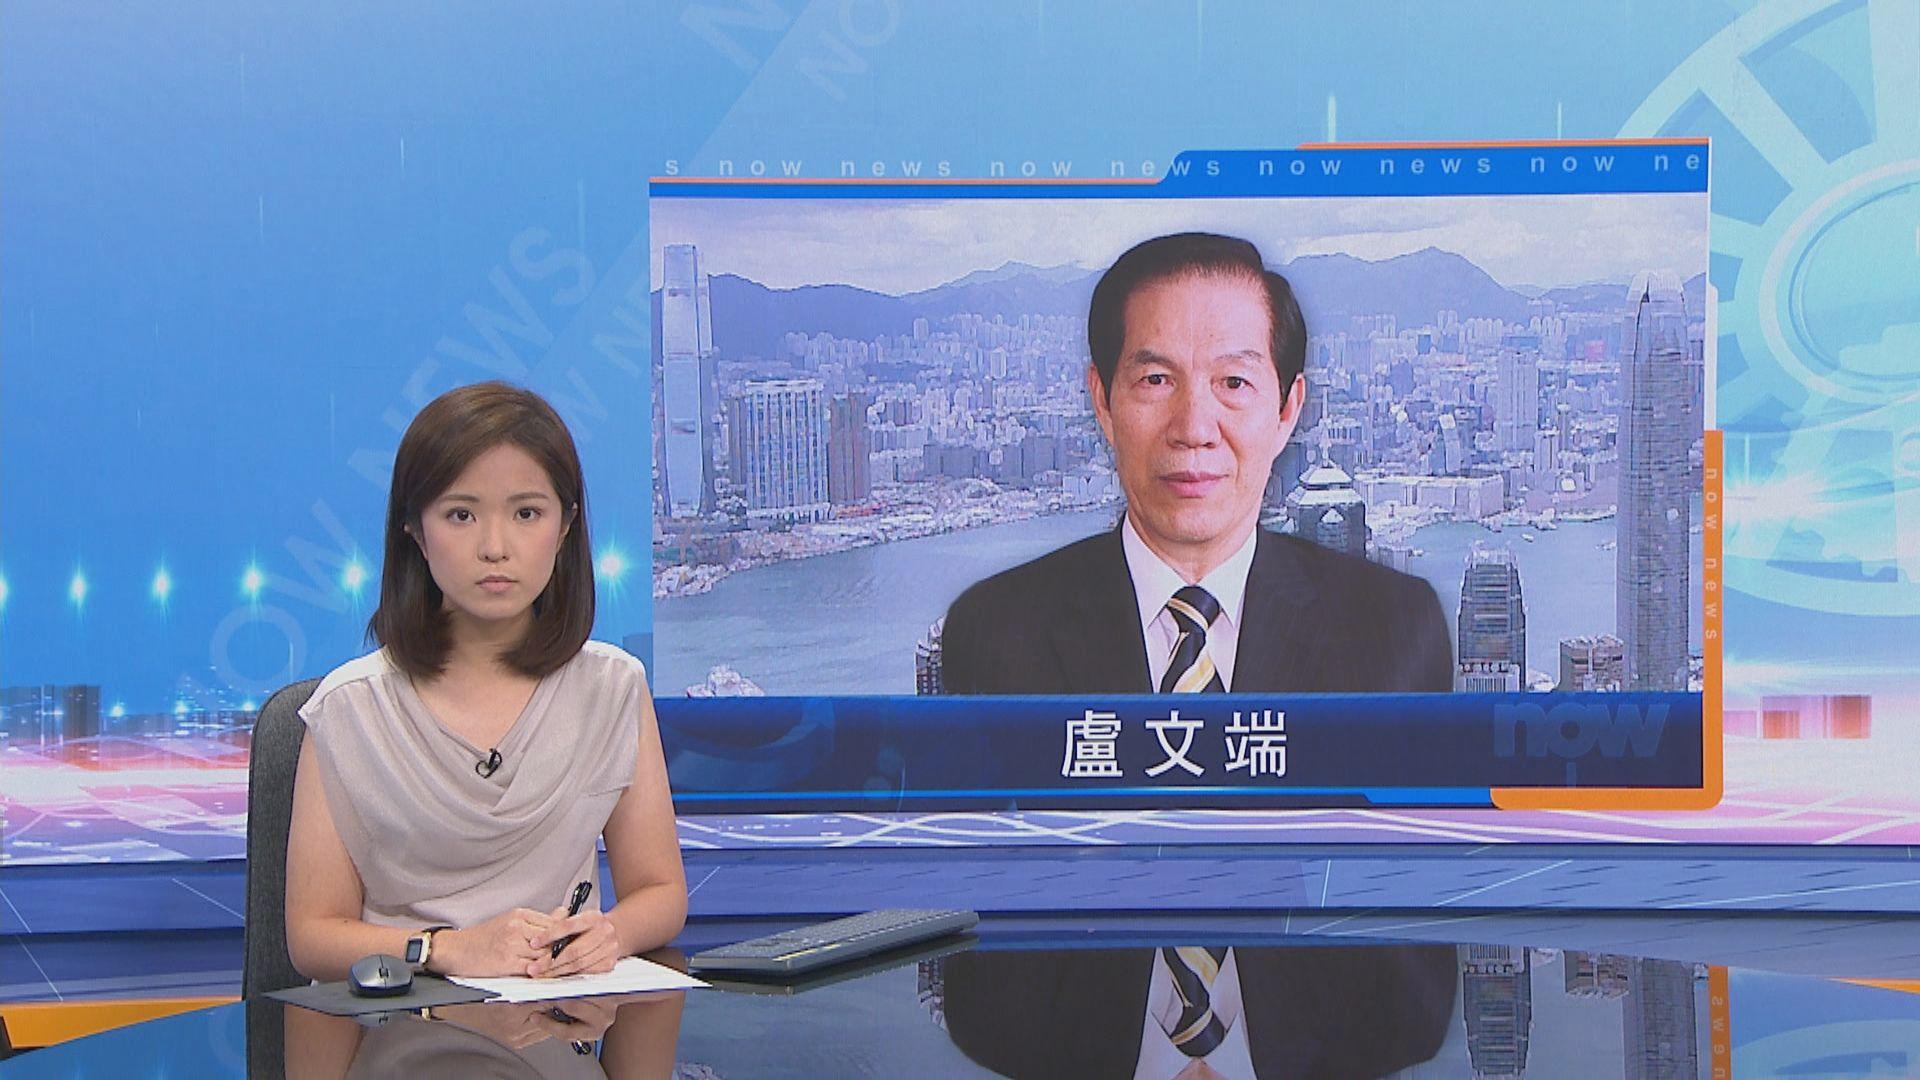 林鄭月娥:若政黨不議政、不論政及不參政需懷疑其存在